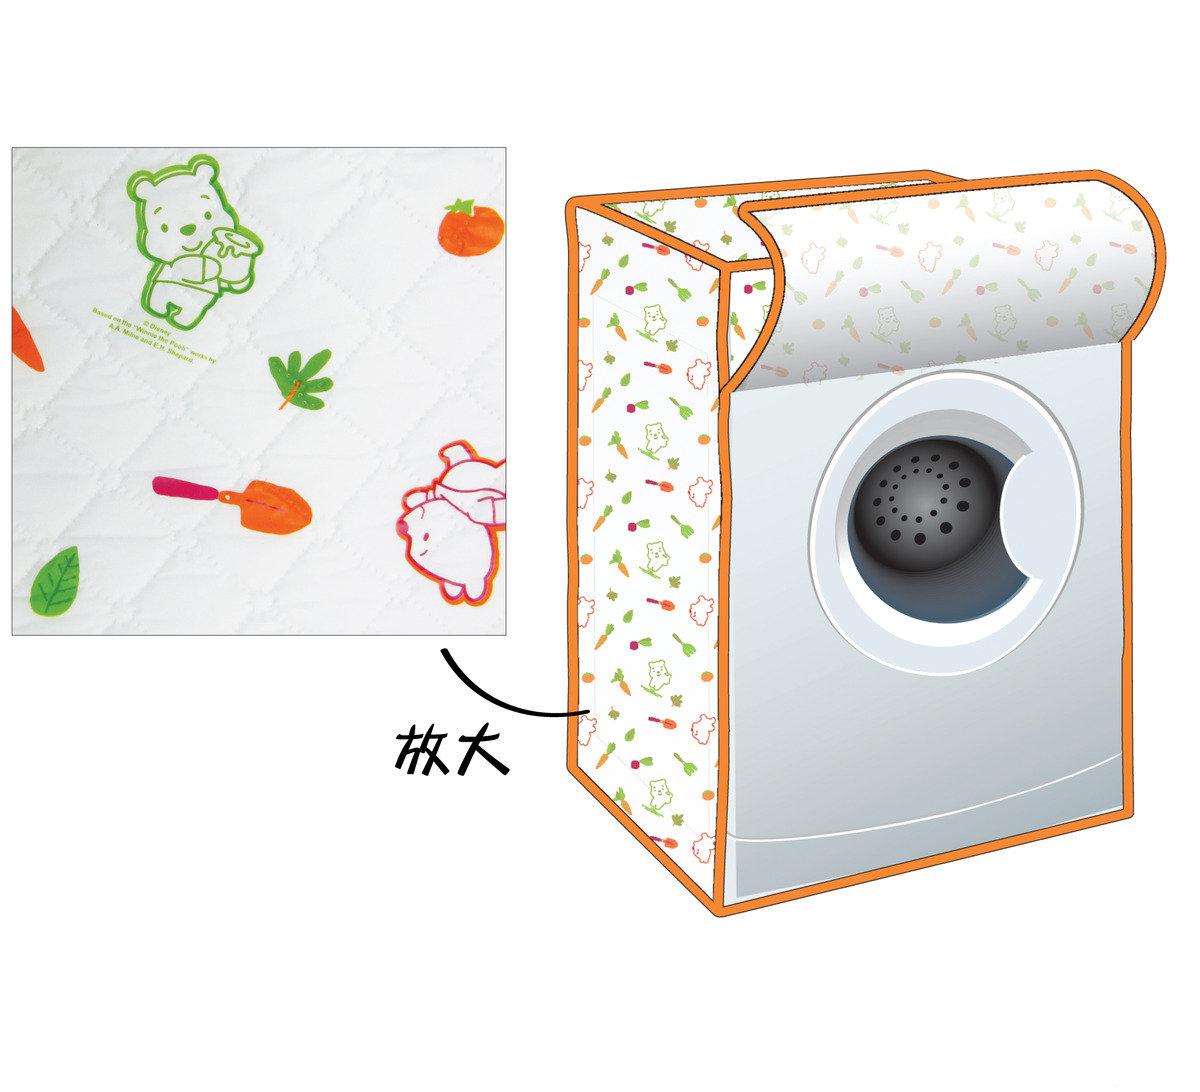 小熊維尼前置式洗衣機套 - 歐洲機